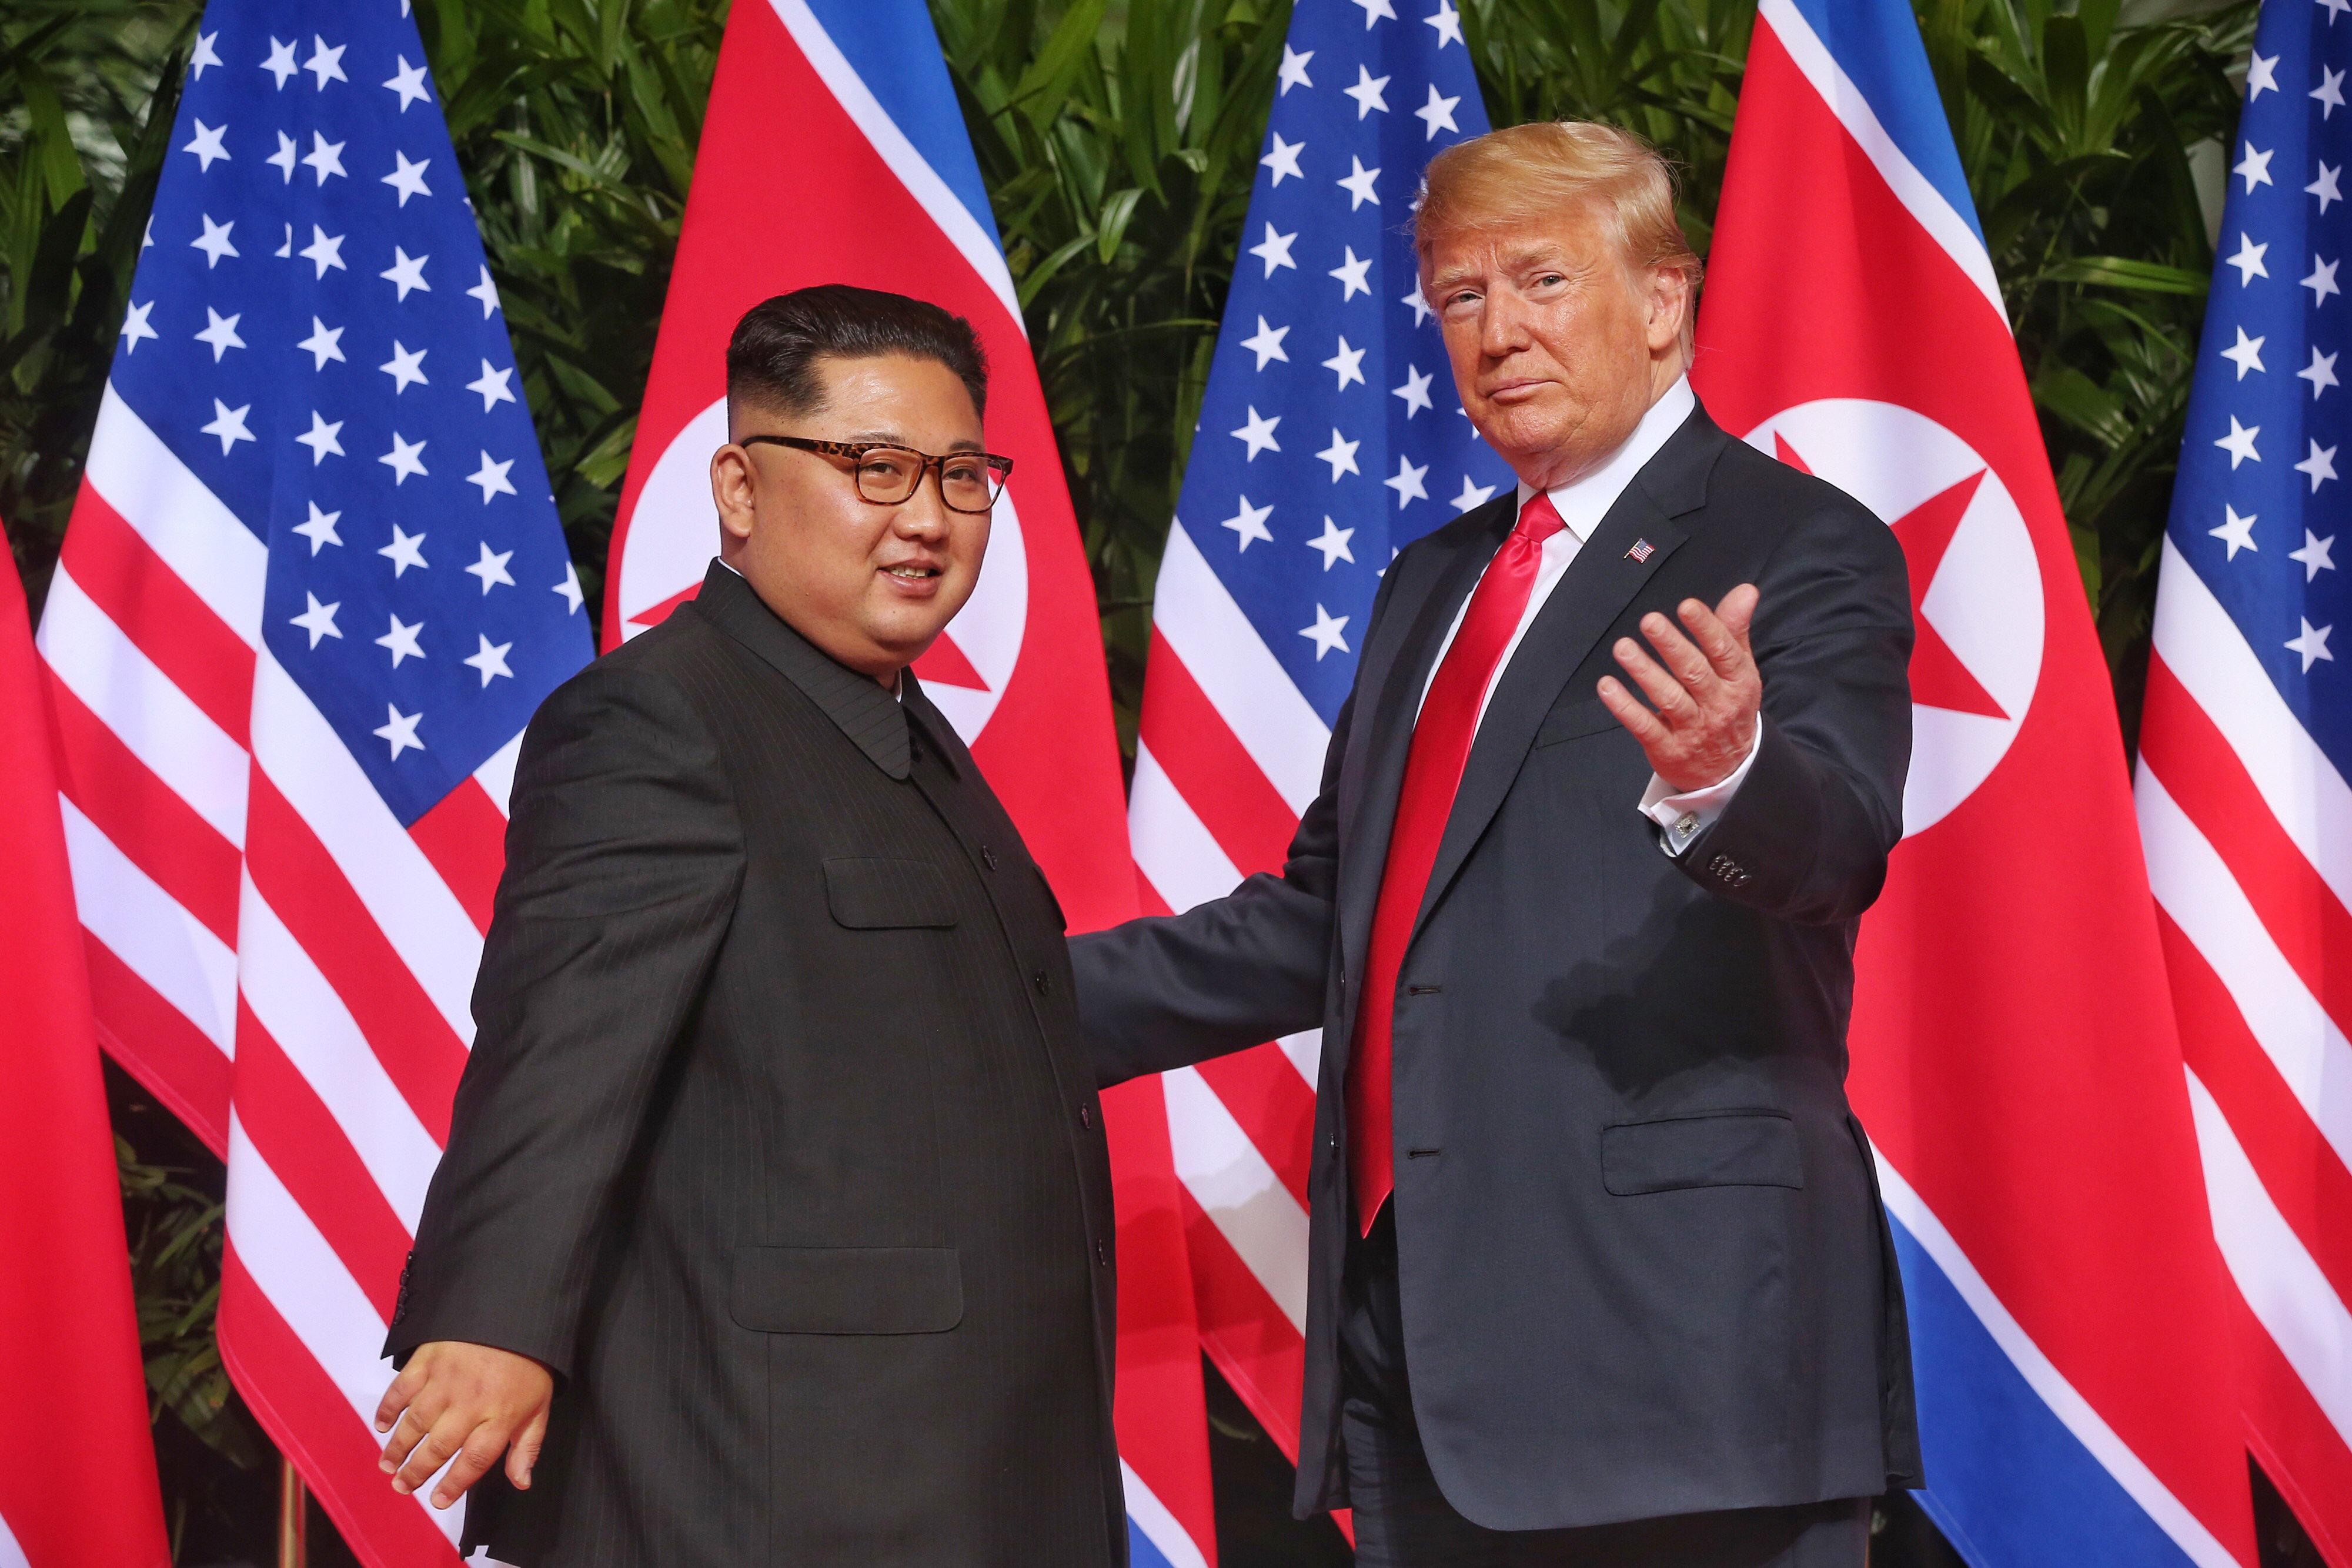 Η ιστορική συνάντηση του Τραμπ με τον Κιμ Γιονγκ ουν στην Σιγκαπούρη. Κοινές δηλώσεις και συμφωνία